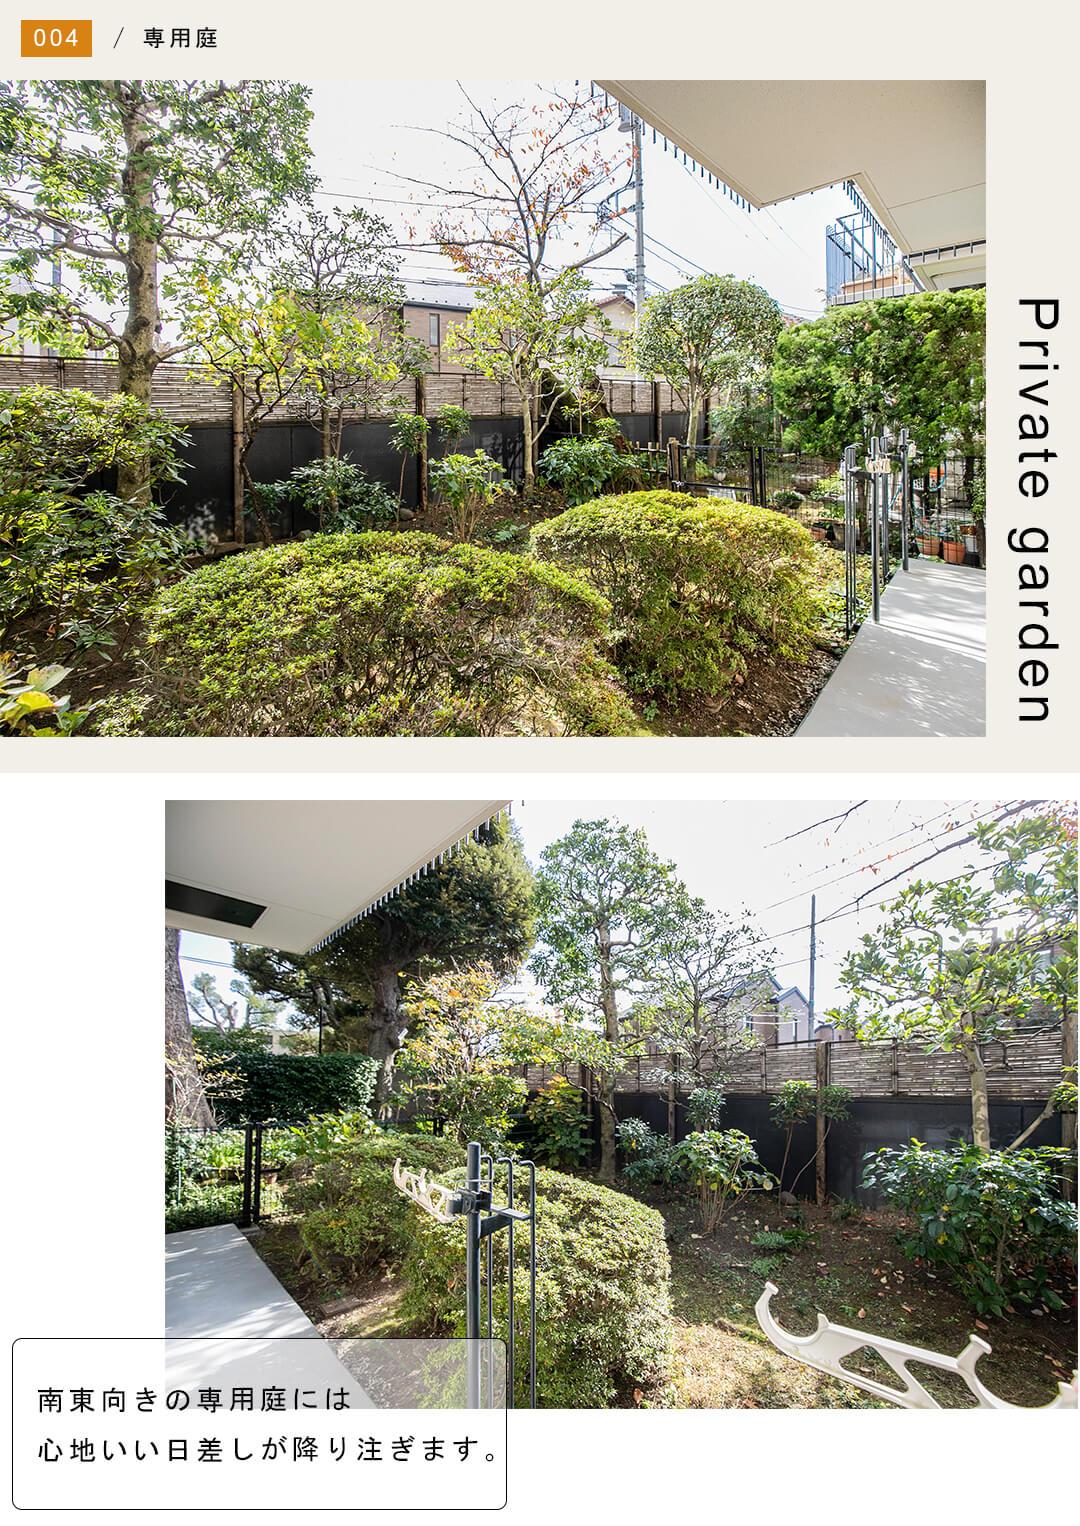 パシフィックパレス荻窪の専用庭